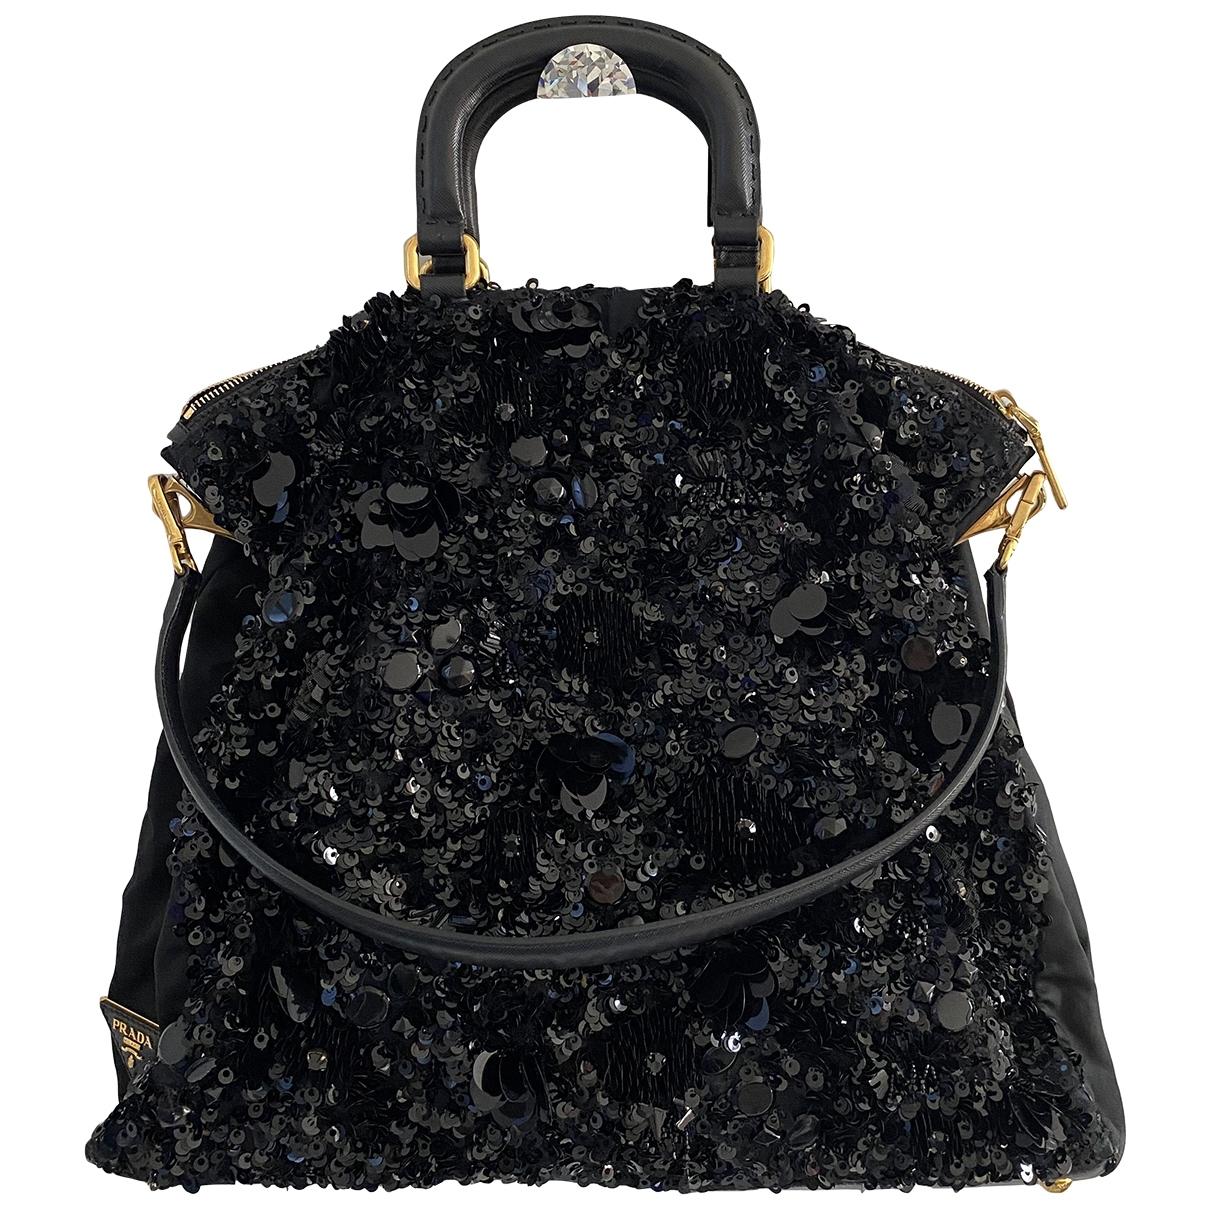 Prada \N Handtasche in  Schwarz Mit Pailletten